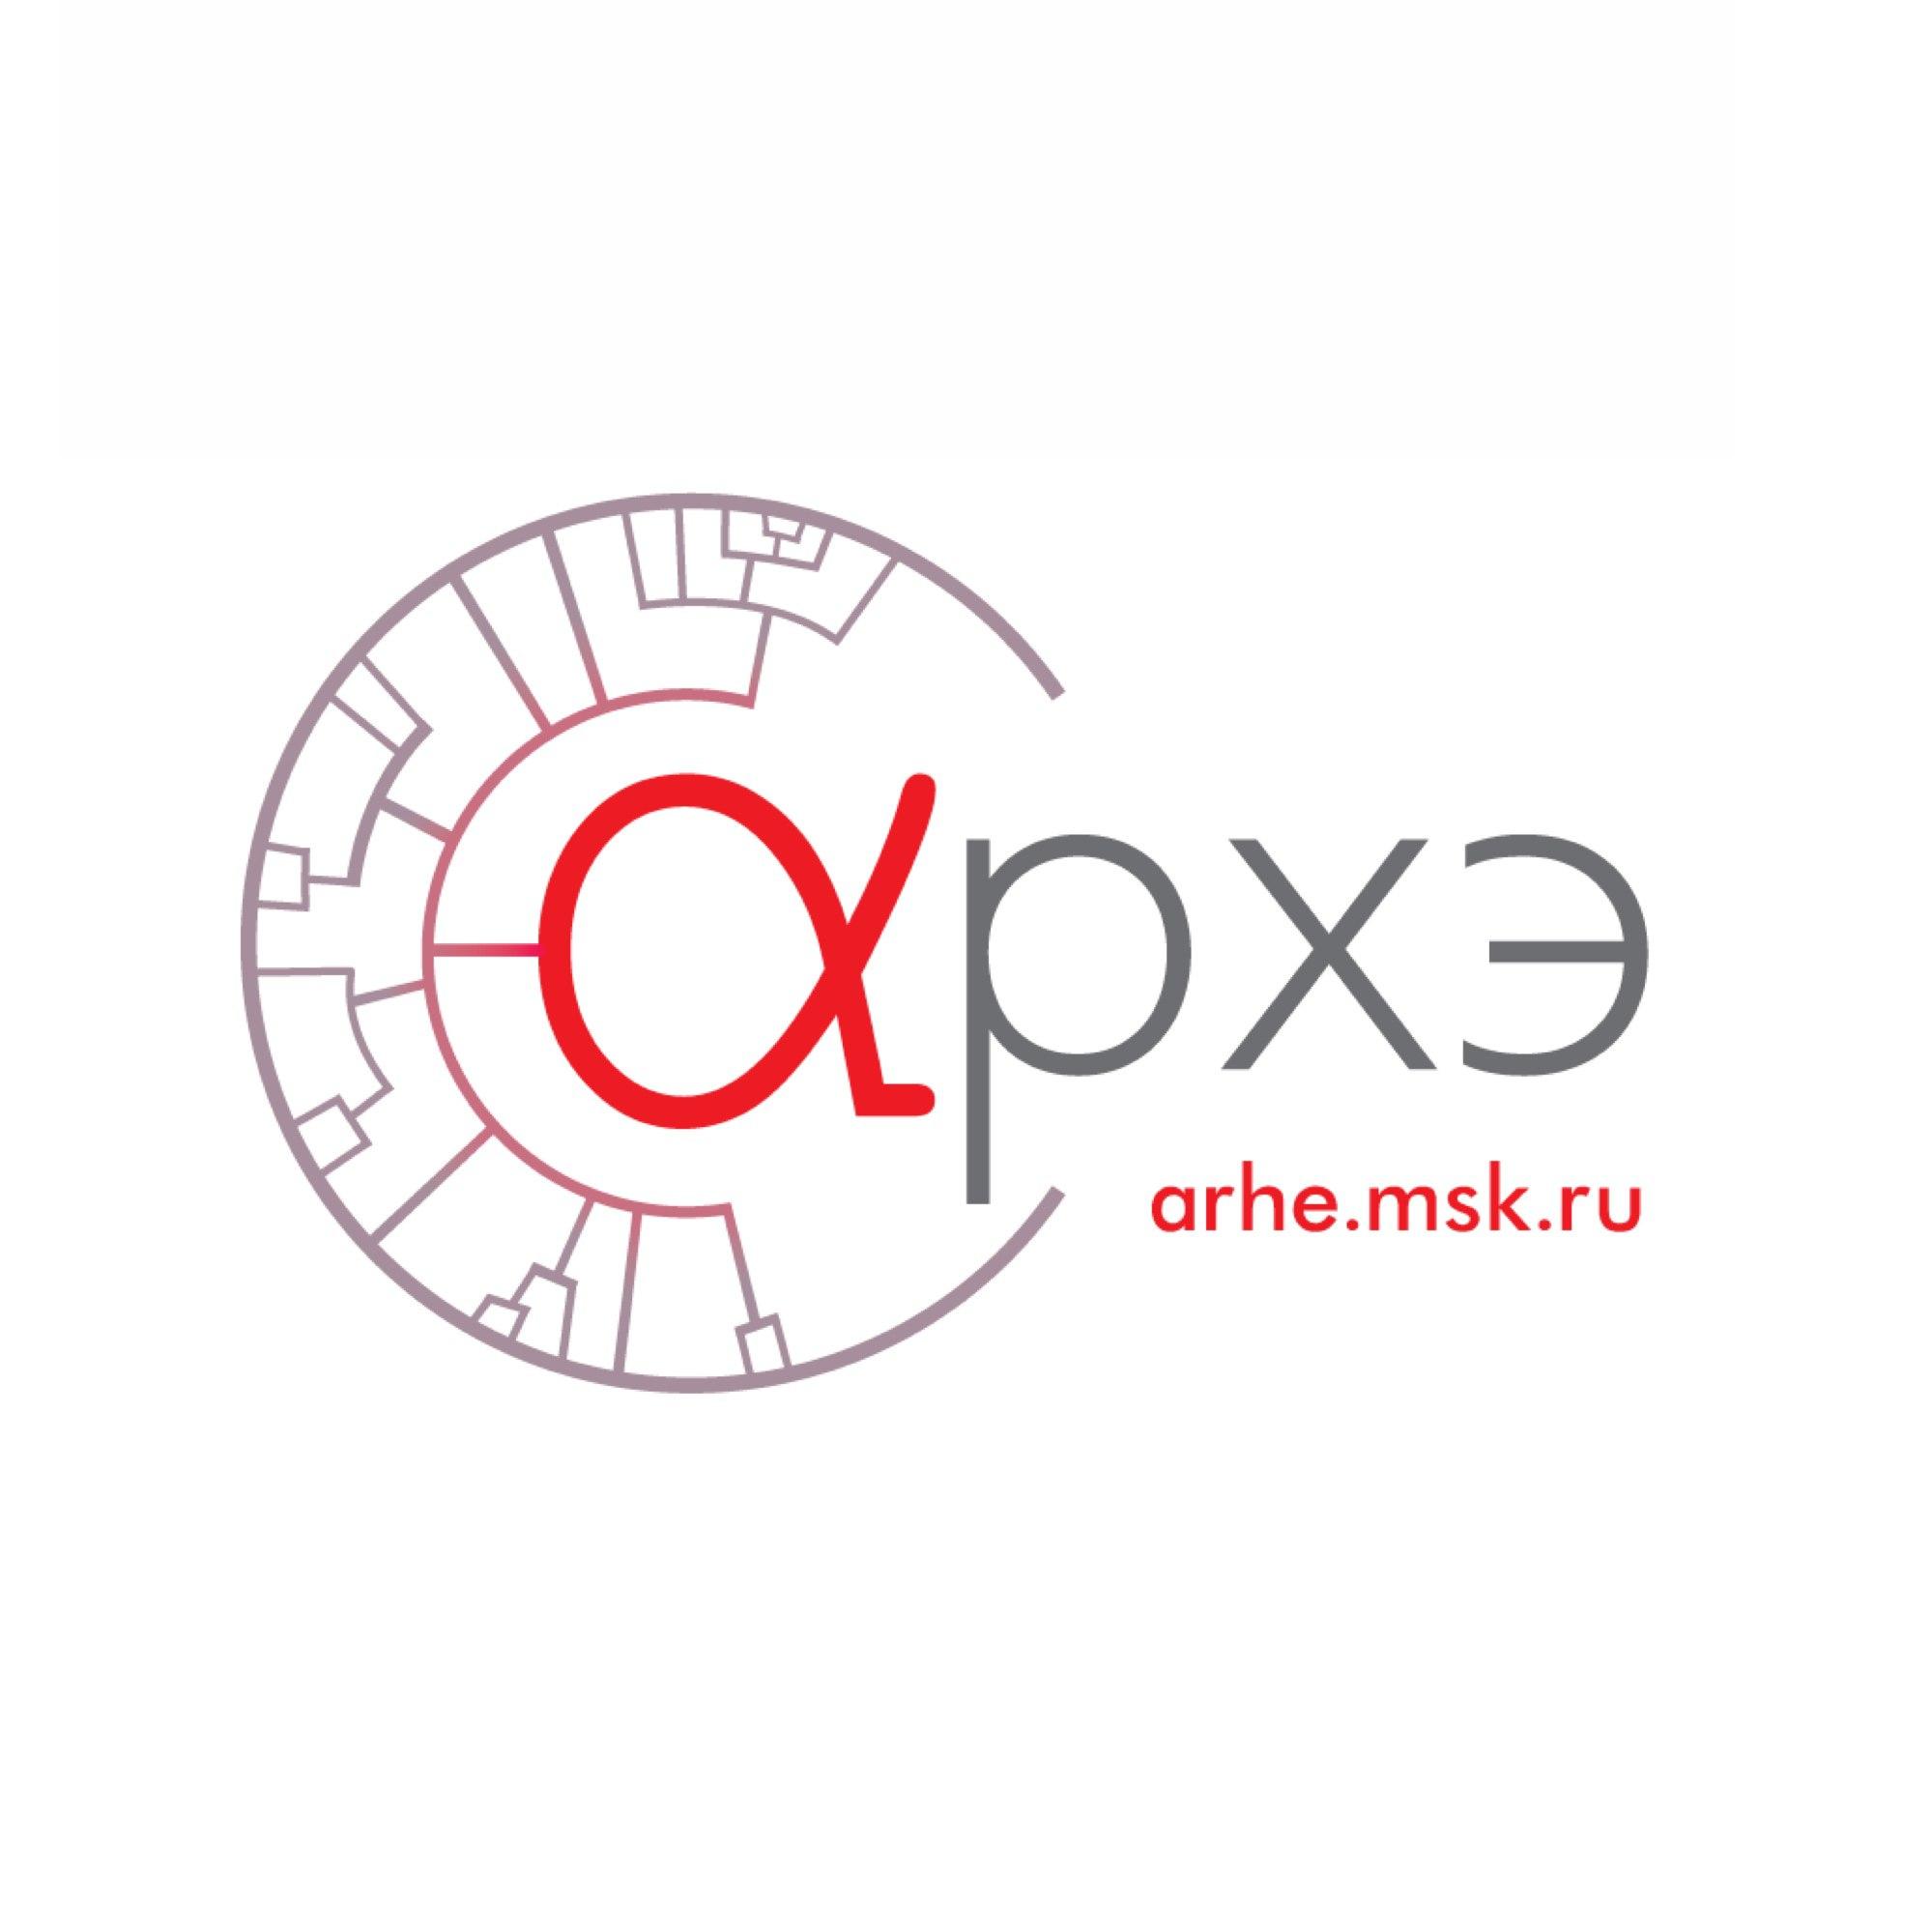 Культурно-просветительский центр «Архэ»